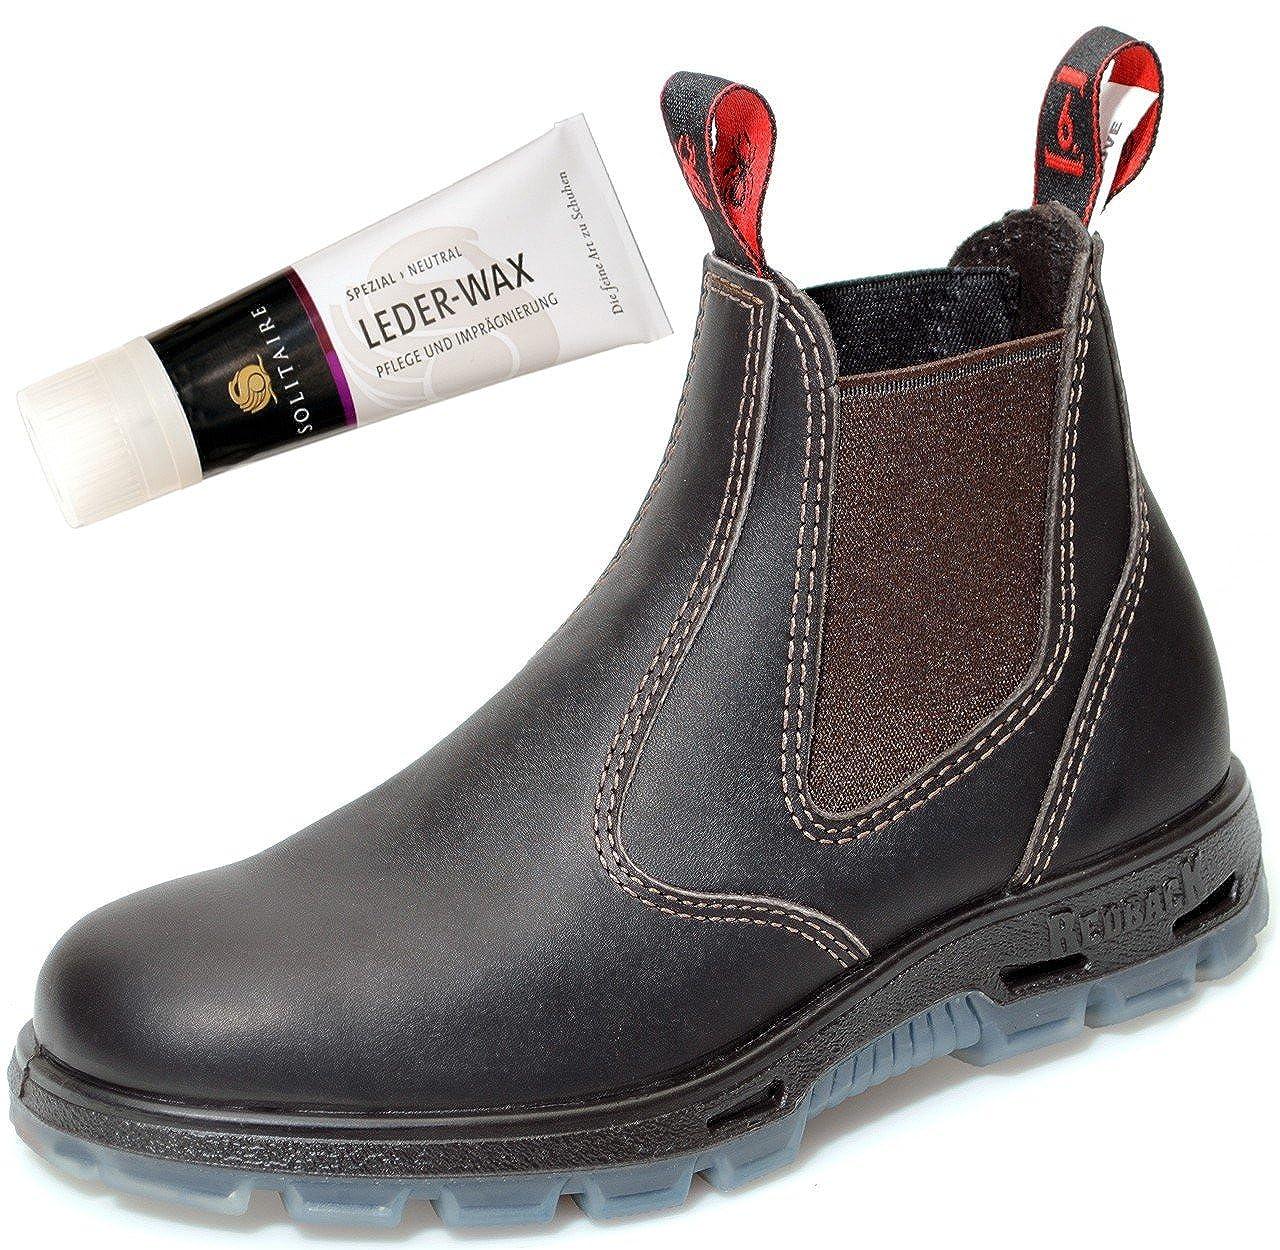 Rotback USBOK Safety Stiefel mit Stahlkappe aus Australien Unisex - Claret braun + Lederwax von Solitaire